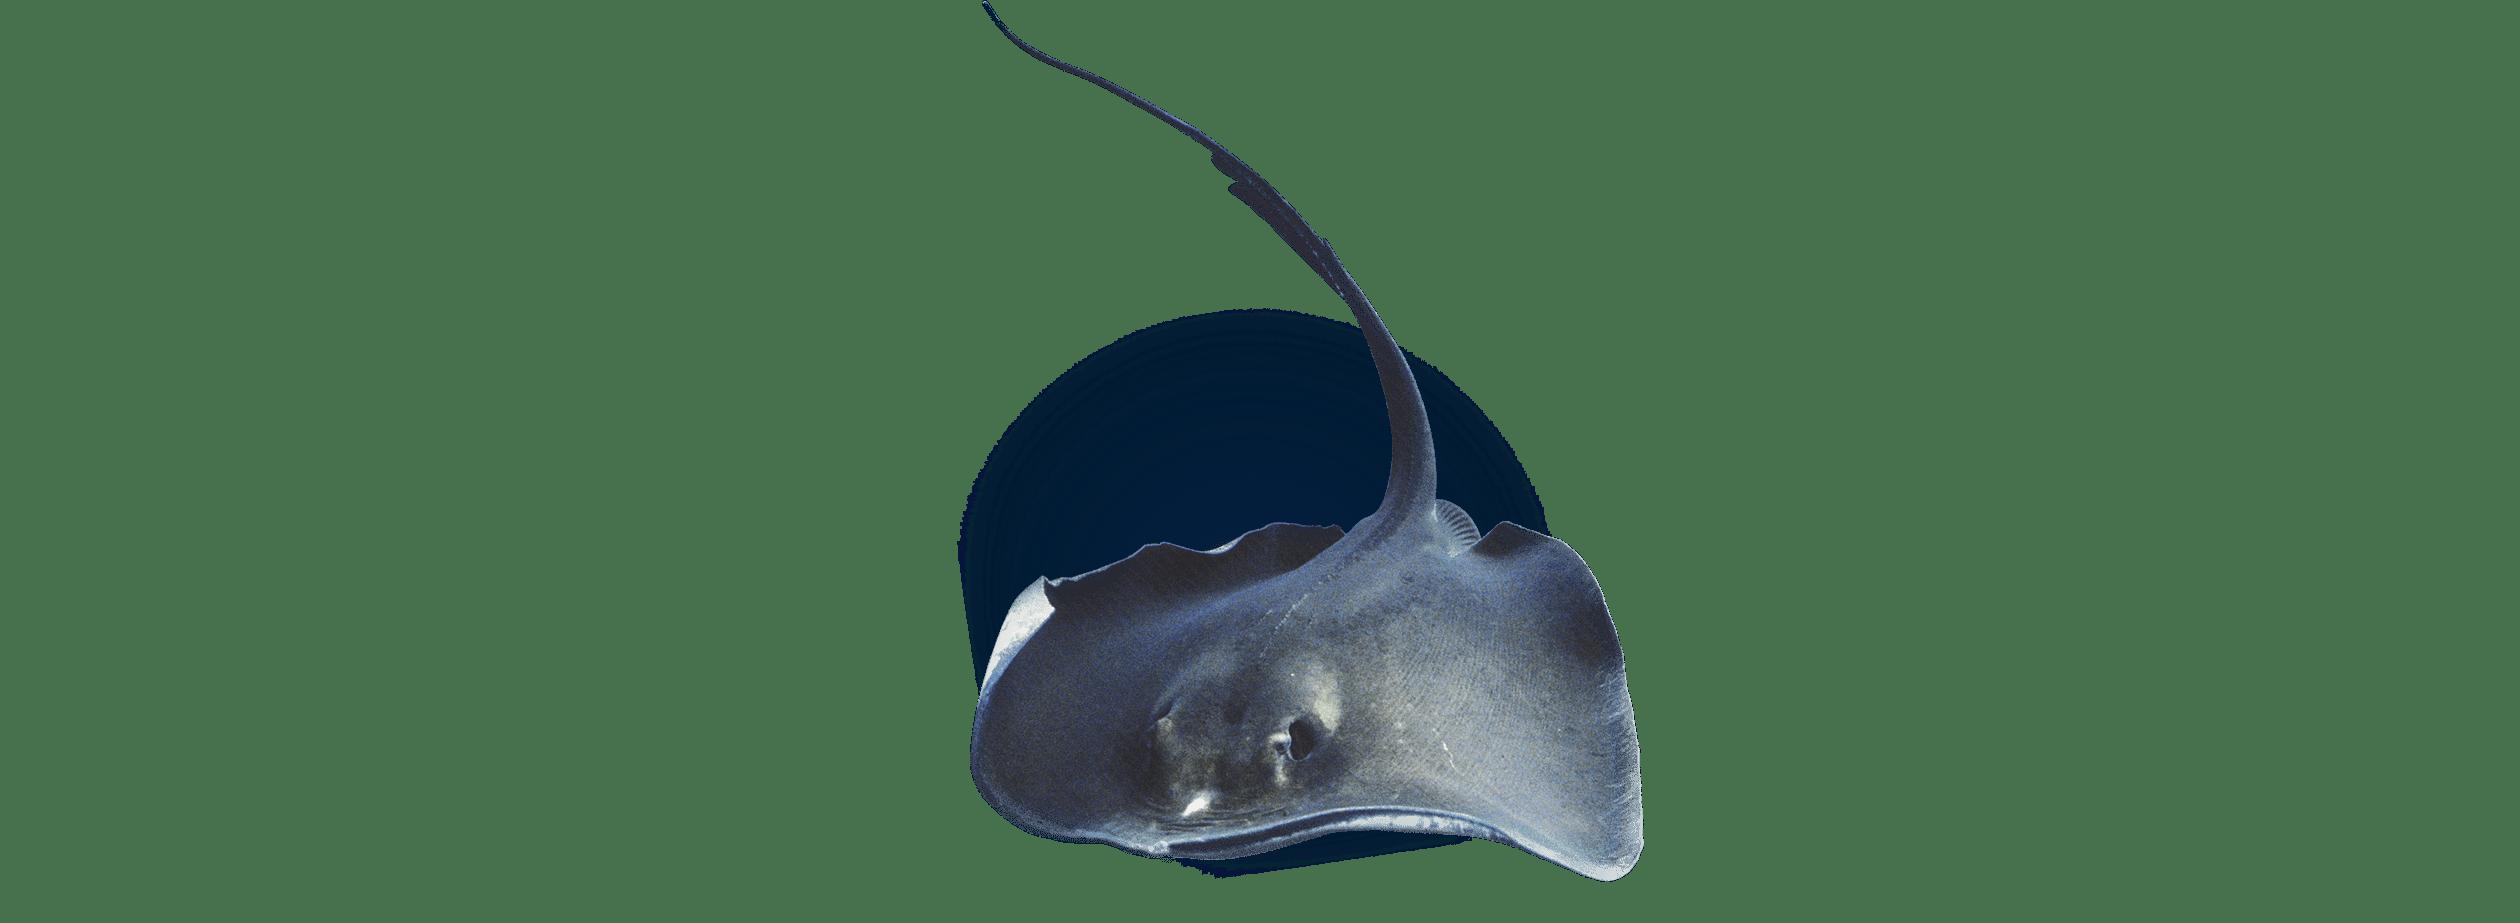 Recherche scientifique - Aquarium La Rochelle